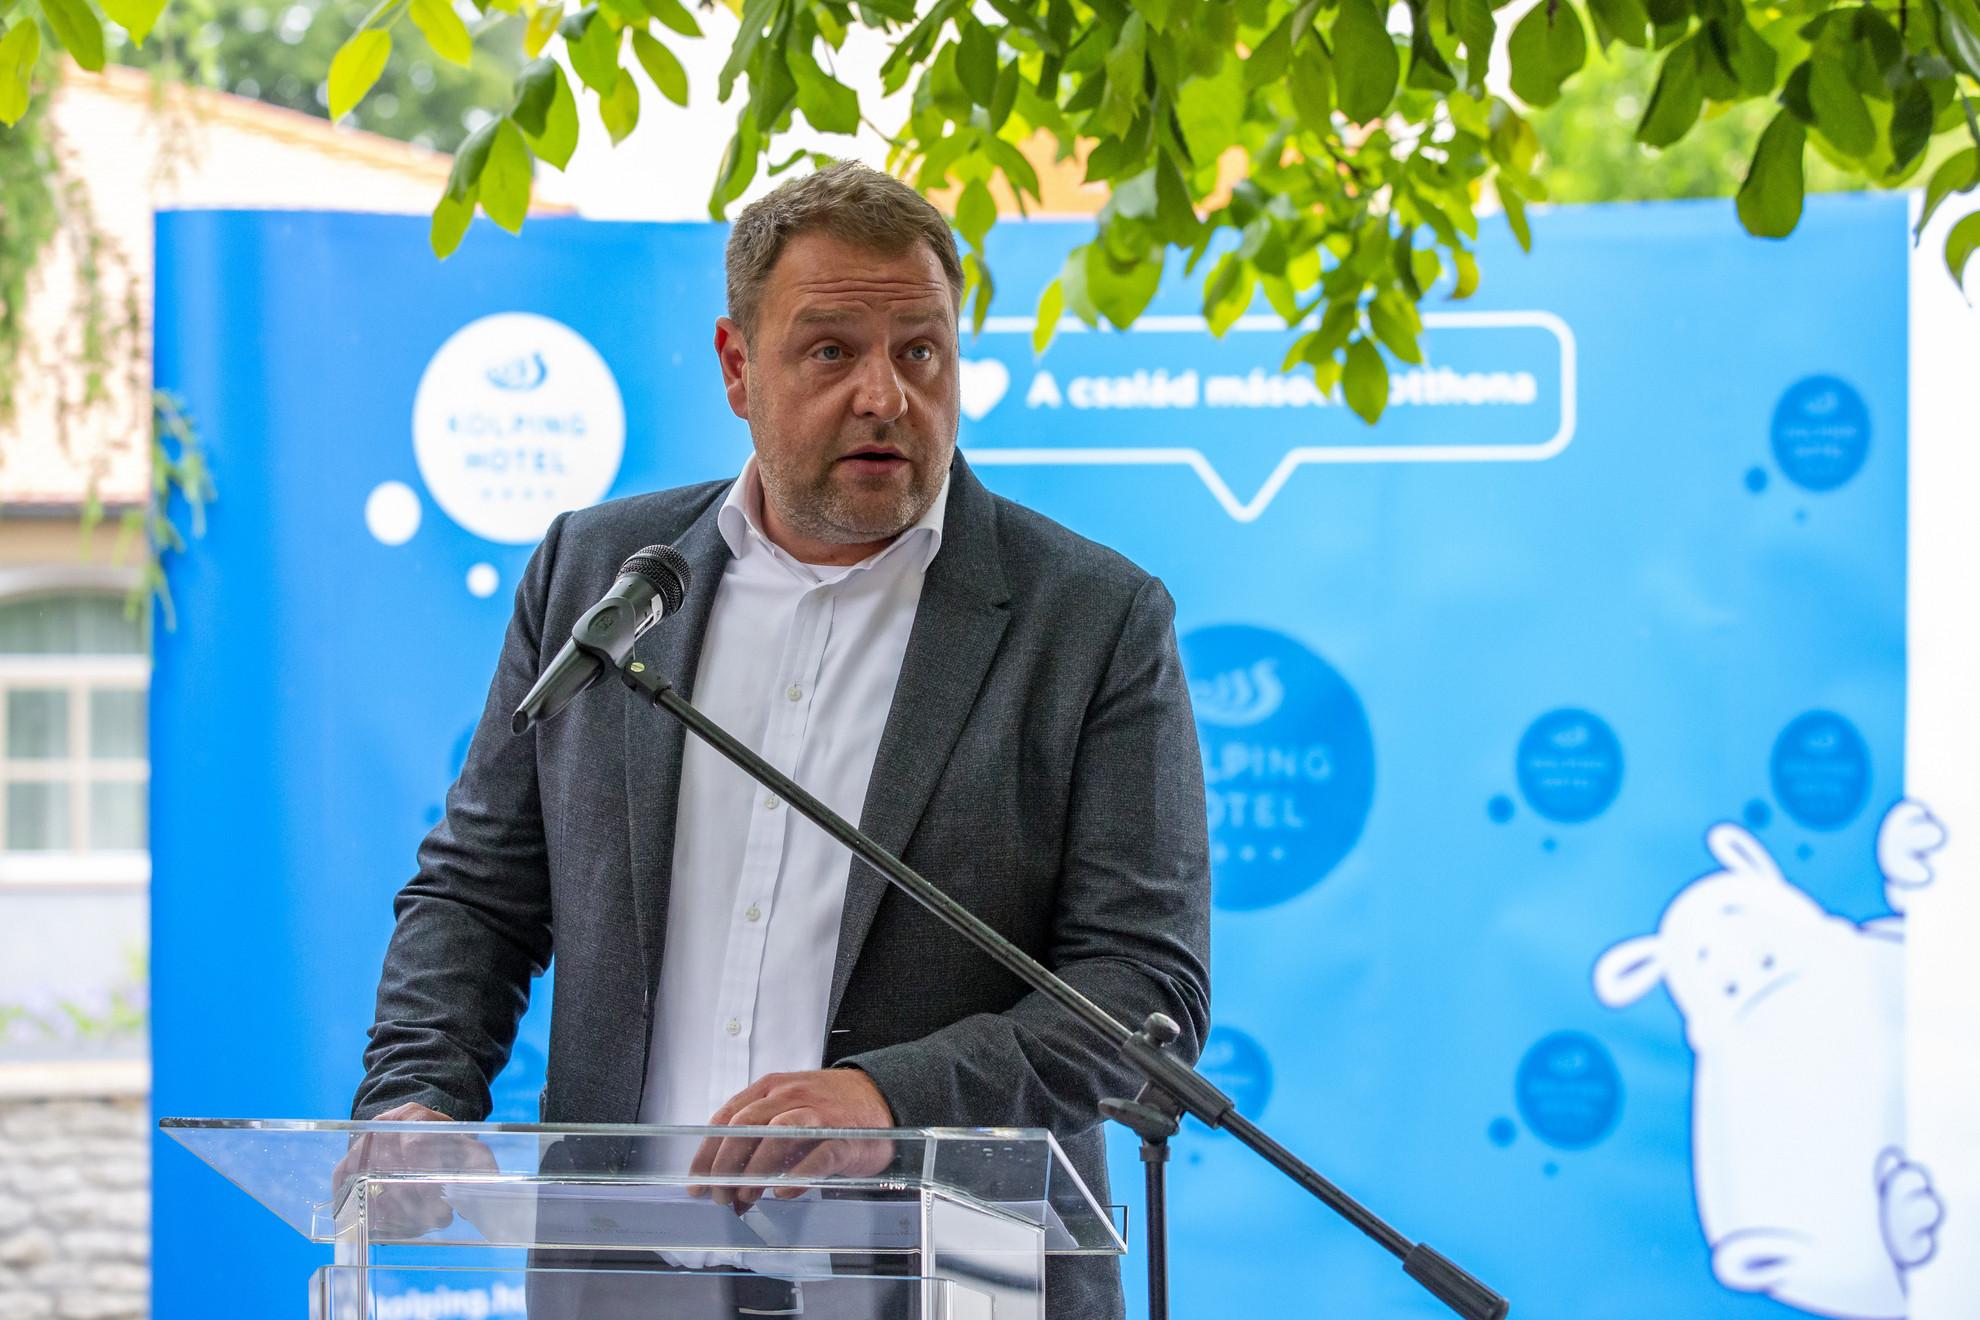 Guller Zoltán, a Magyar Turisztikai Ügynökség (MTÜ) vezérigazgatója beszédet mond a Kolping Hotel fejlesztéseinek átadása és a Bobo Fun Kalandpark ünnepélyes alapkőletétele alkalmából rendezett sajtótájékoztatón Alsópáhokon